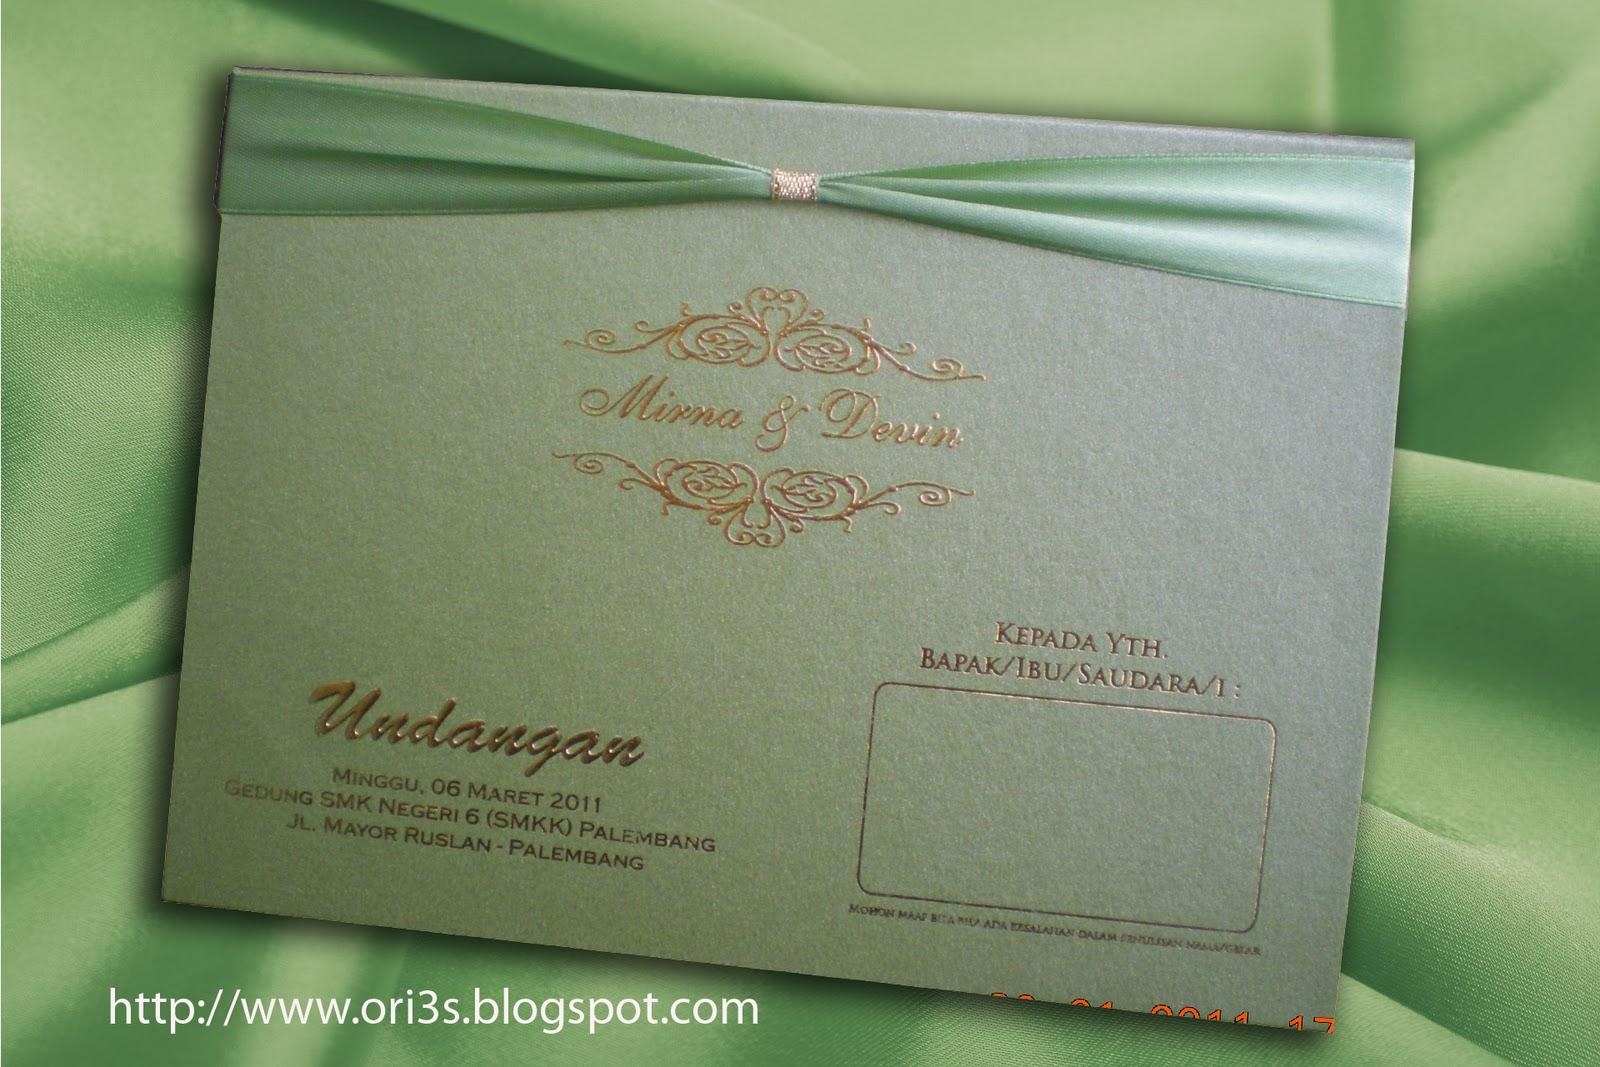 undangan, undangan pernikahan, wedding invitation - HD Wallpapers